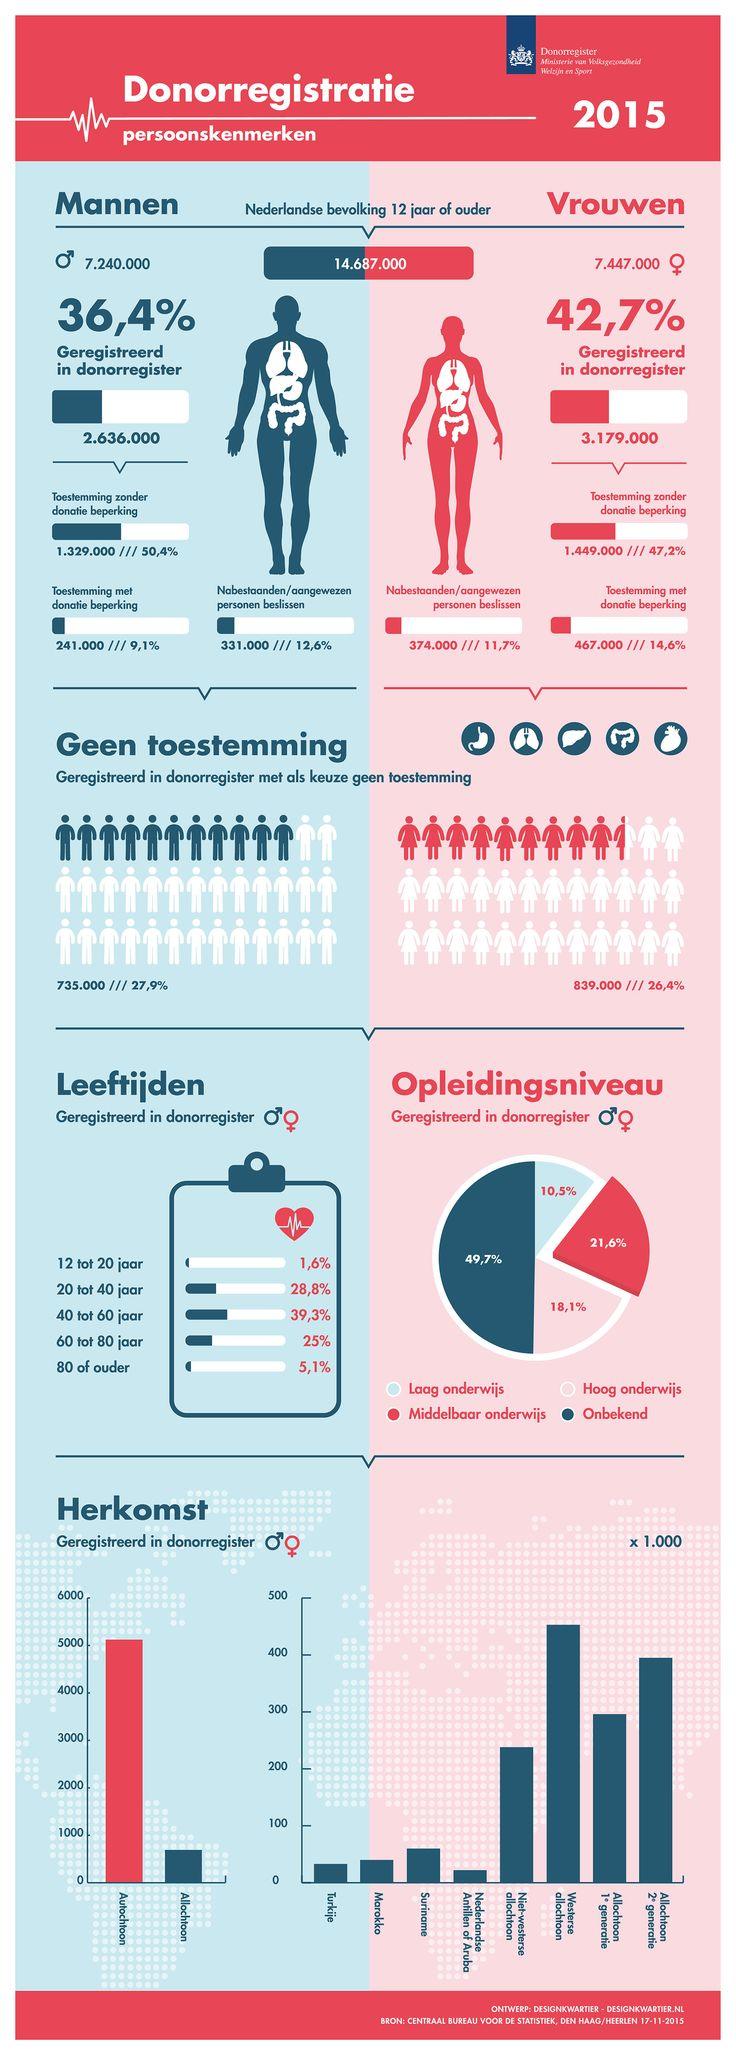 Infographic Donorregistratie 2015, ontwerp www.designkwartier.nl #infographic #design #grafisch #ontwerp #dutch #donor #medisch #vormgeving #designkwartier